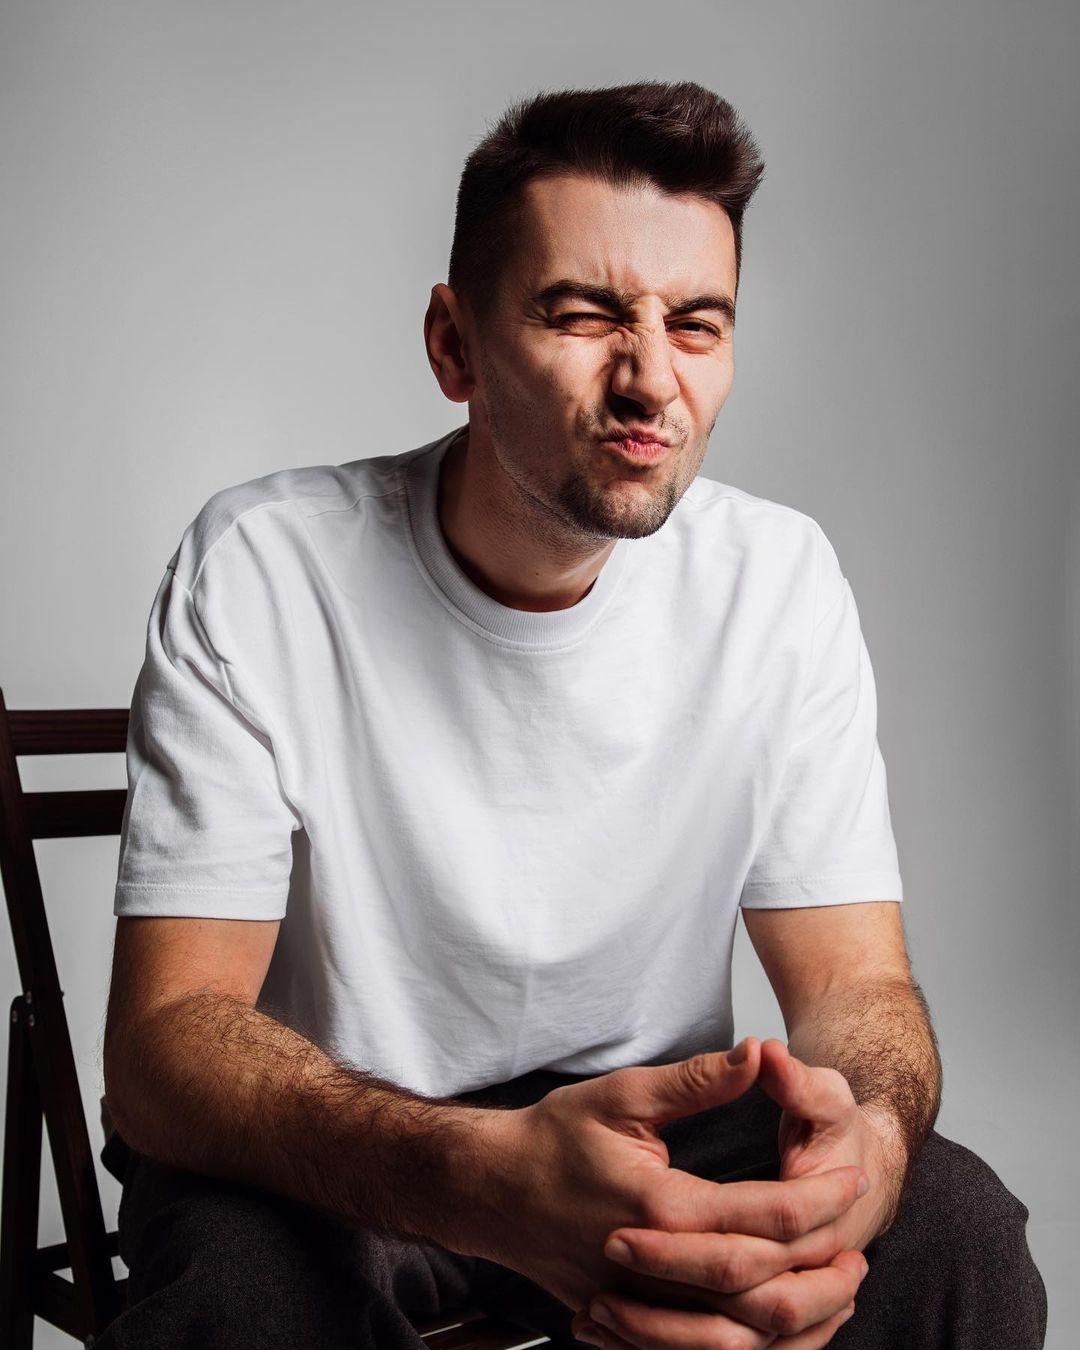 #Сильный. Александр Эллерт о стереотипах: Я делаю маникюр, посещаю косметолога и думаю, что мне надеть — это нормально, когда мужчина следит за собой - фото №4